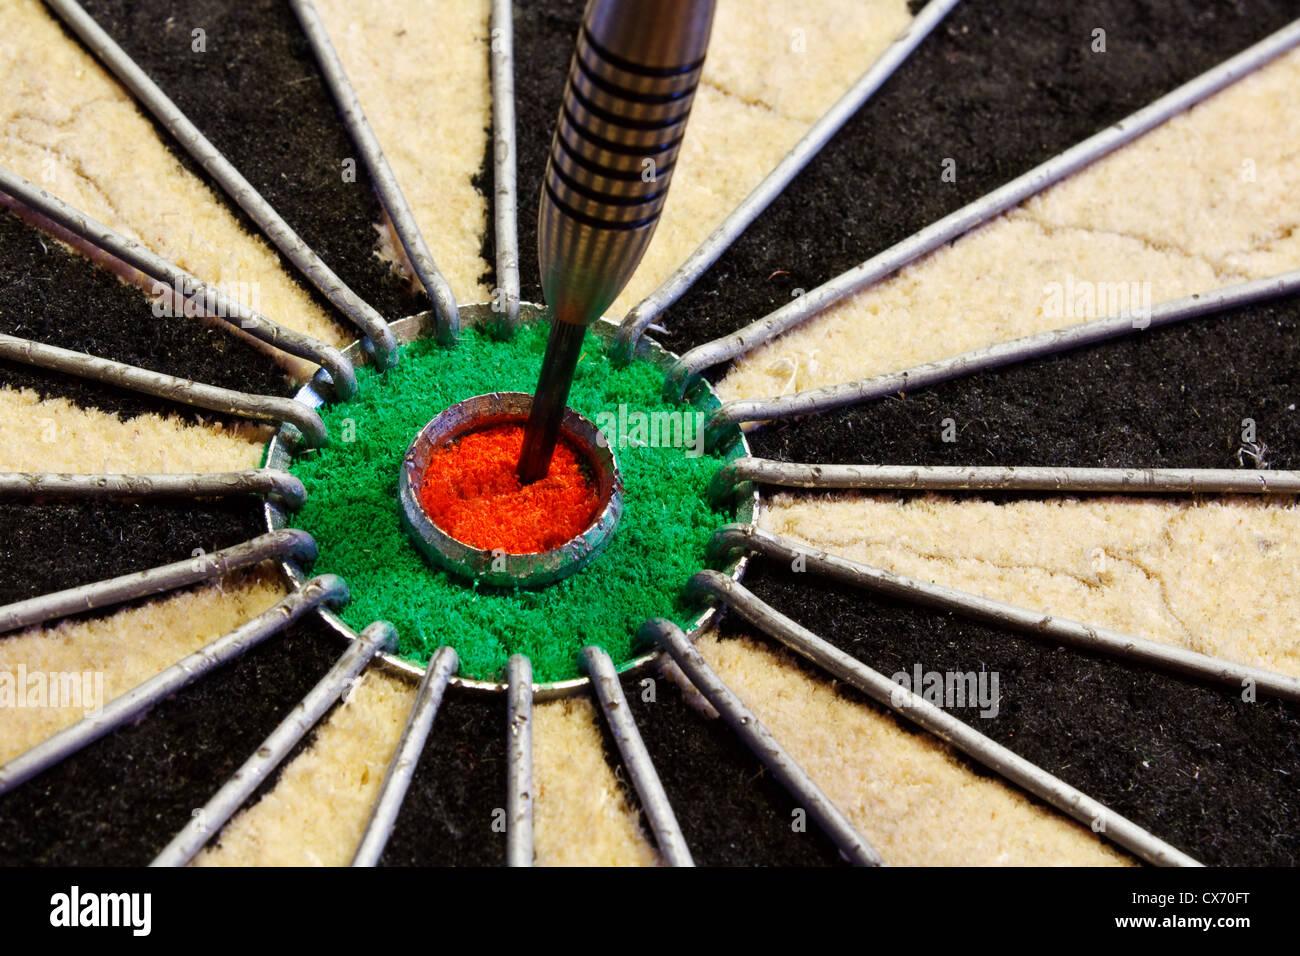 ein Pfeil trifft Ziel im Zentrum von Dart Board gute Geschäftskonzept für Erfolg Stockbild